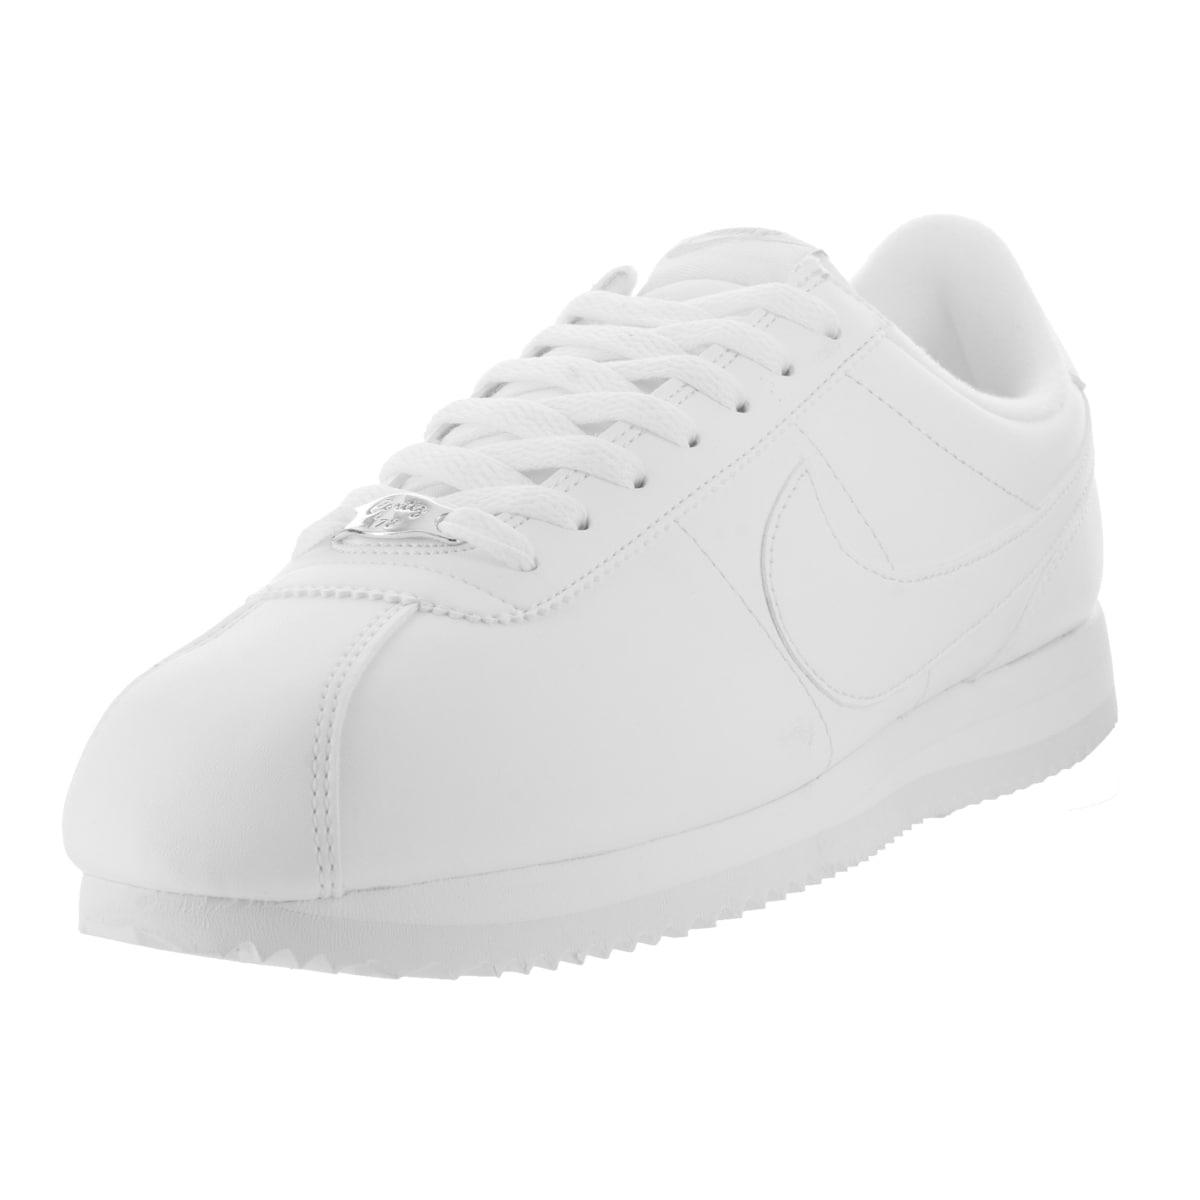 Nike Men's Cortez Basic Leather White/White/Wlf /Metallic...